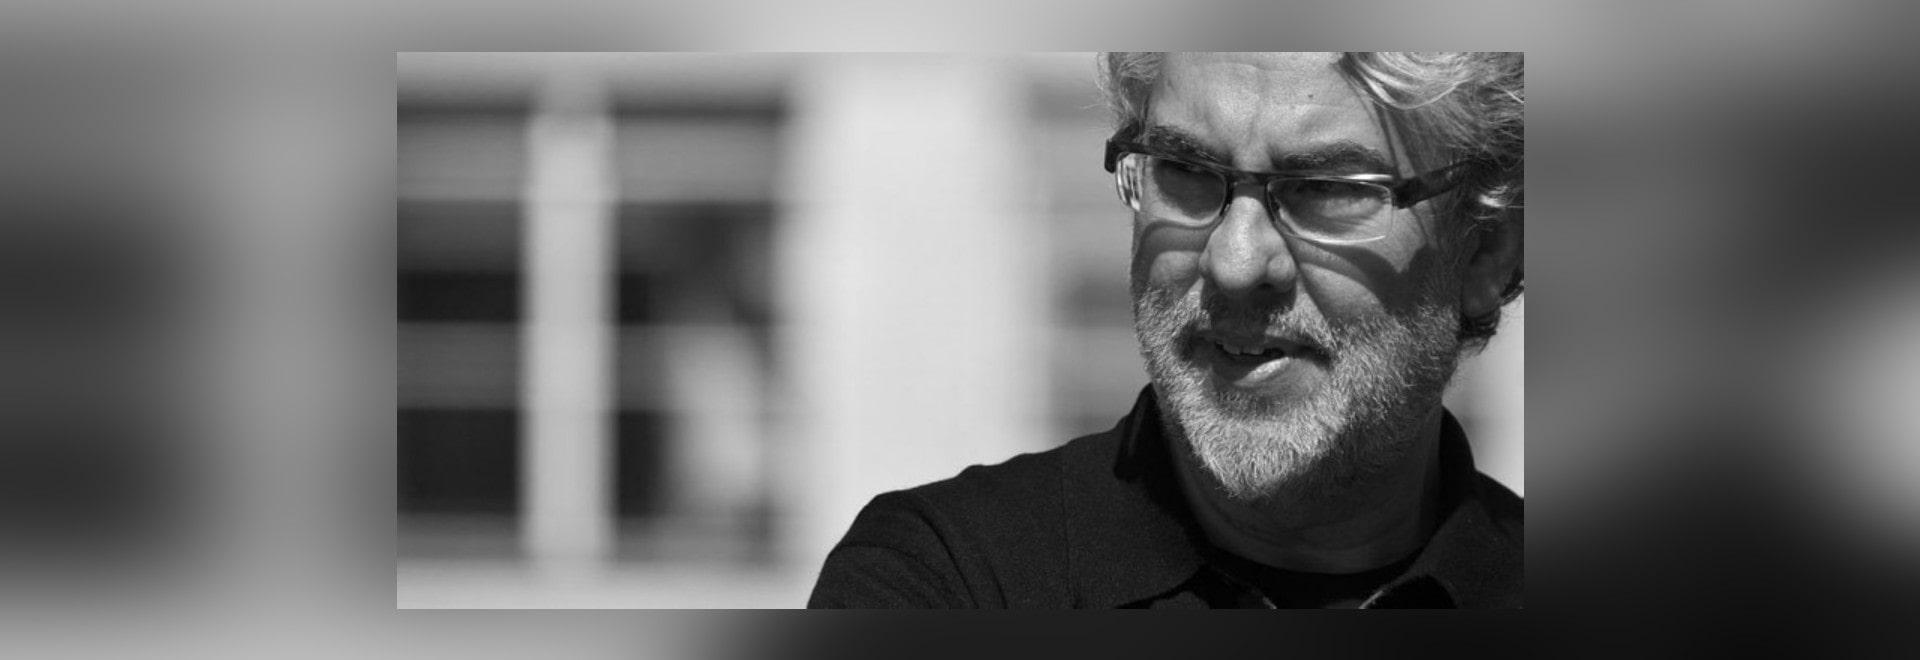 PROYECTOR DEL ARQUITECTO: MARCIO KOGAN